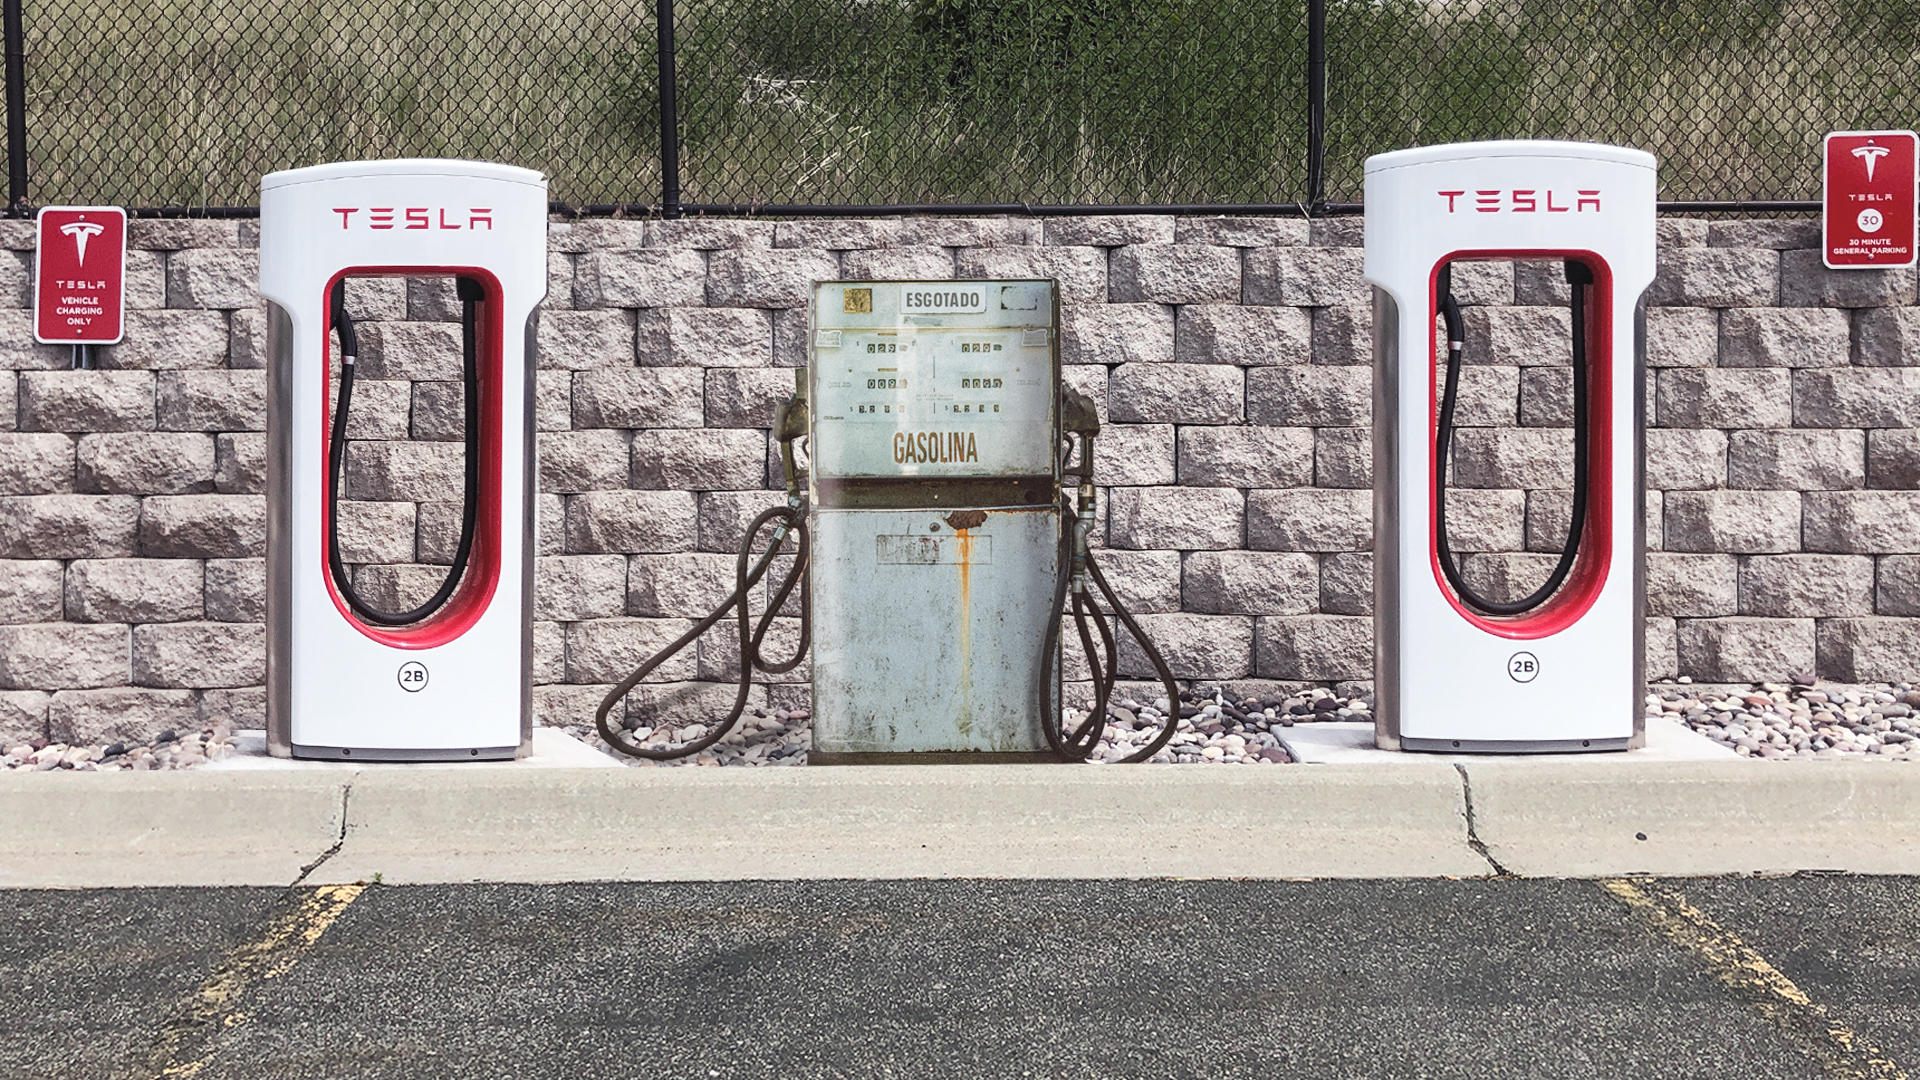 Quais seriam as opções além da gasolina?